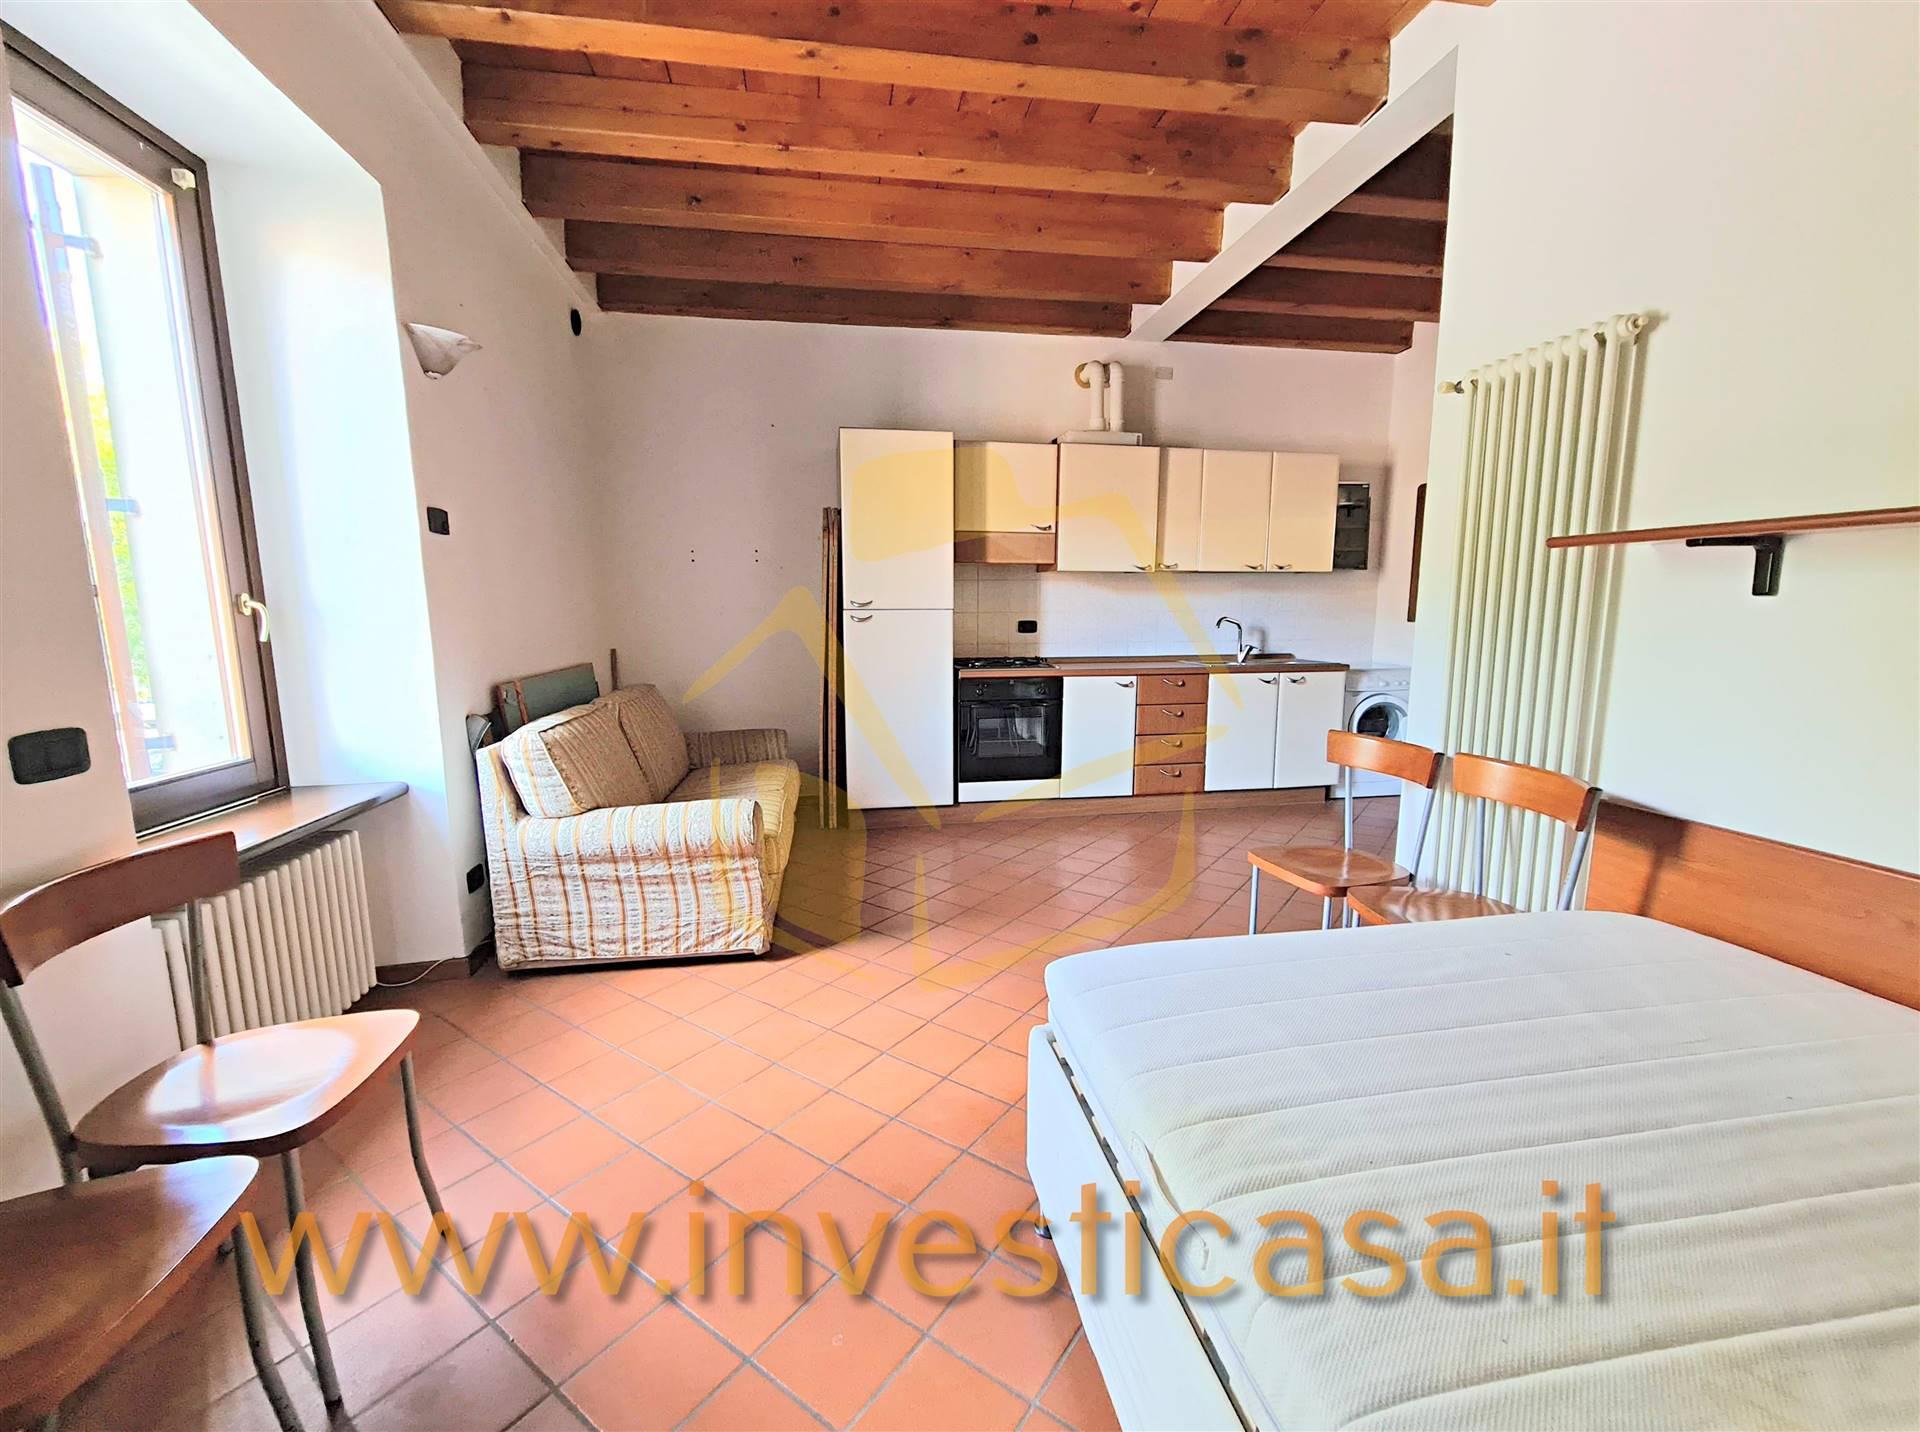 Appartamento in vendita a Lazise, 1 locali, zona Località: PACENGO, prezzo € 115.000 | CambioCasa.it